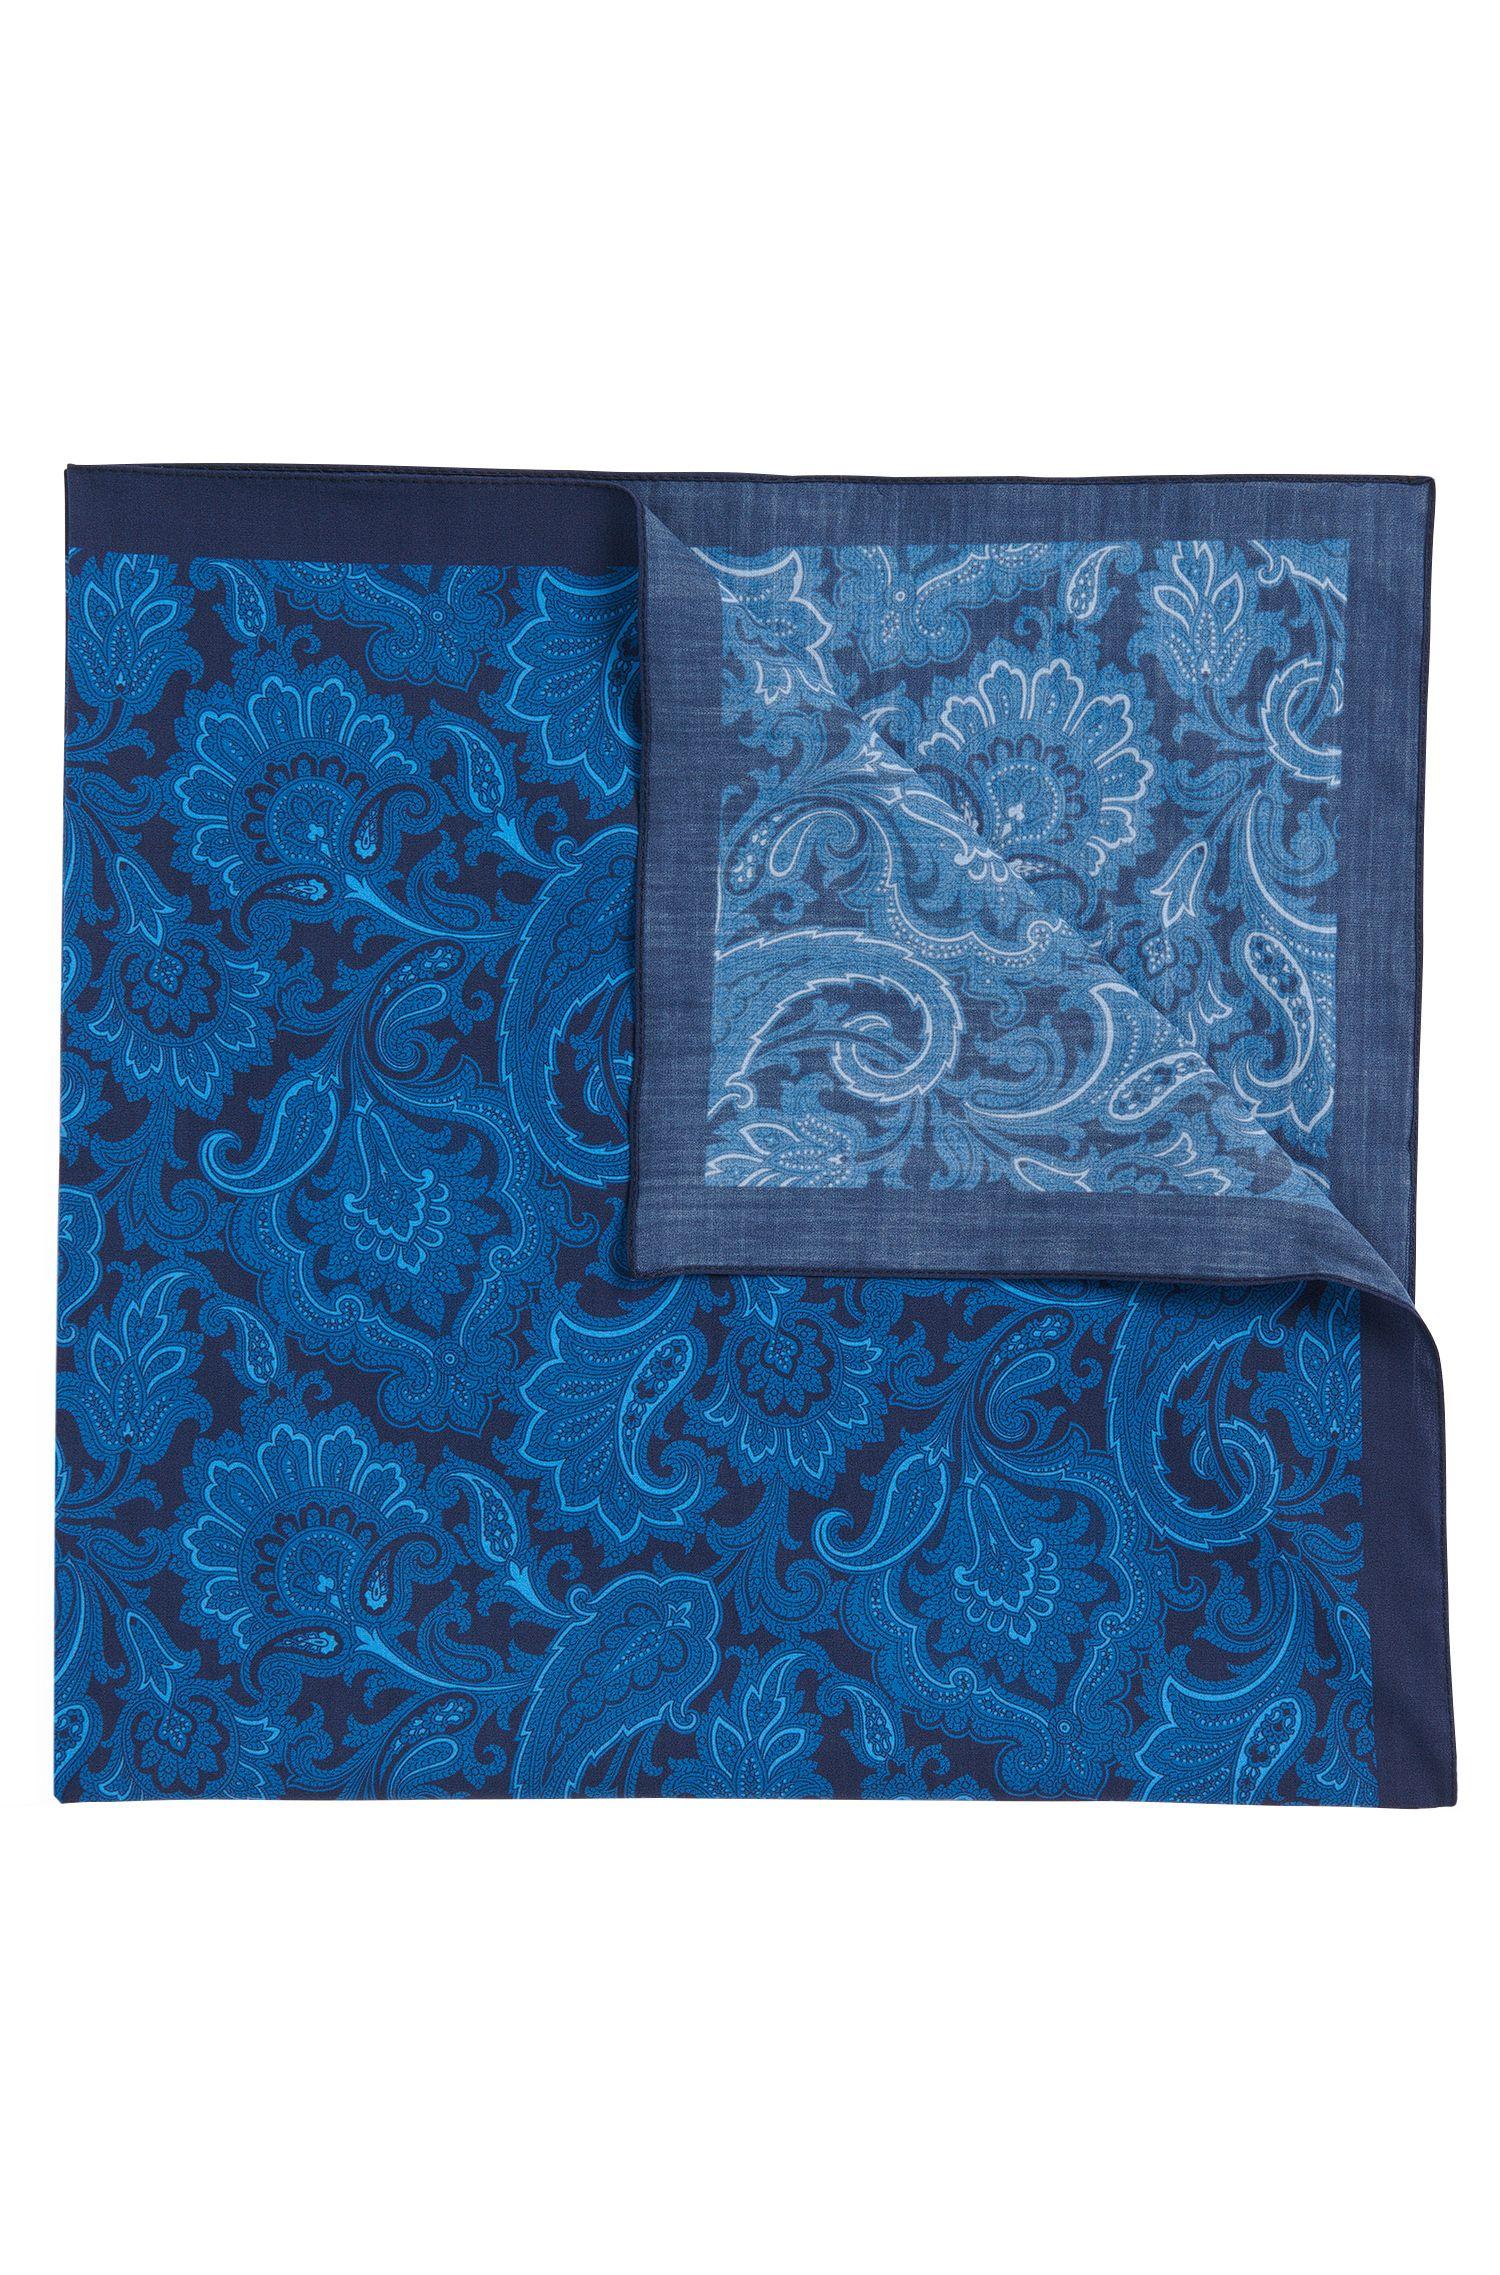 Bandana aus Baumwolle mit Paisley-Muster: 'Bandana cm 60x60'